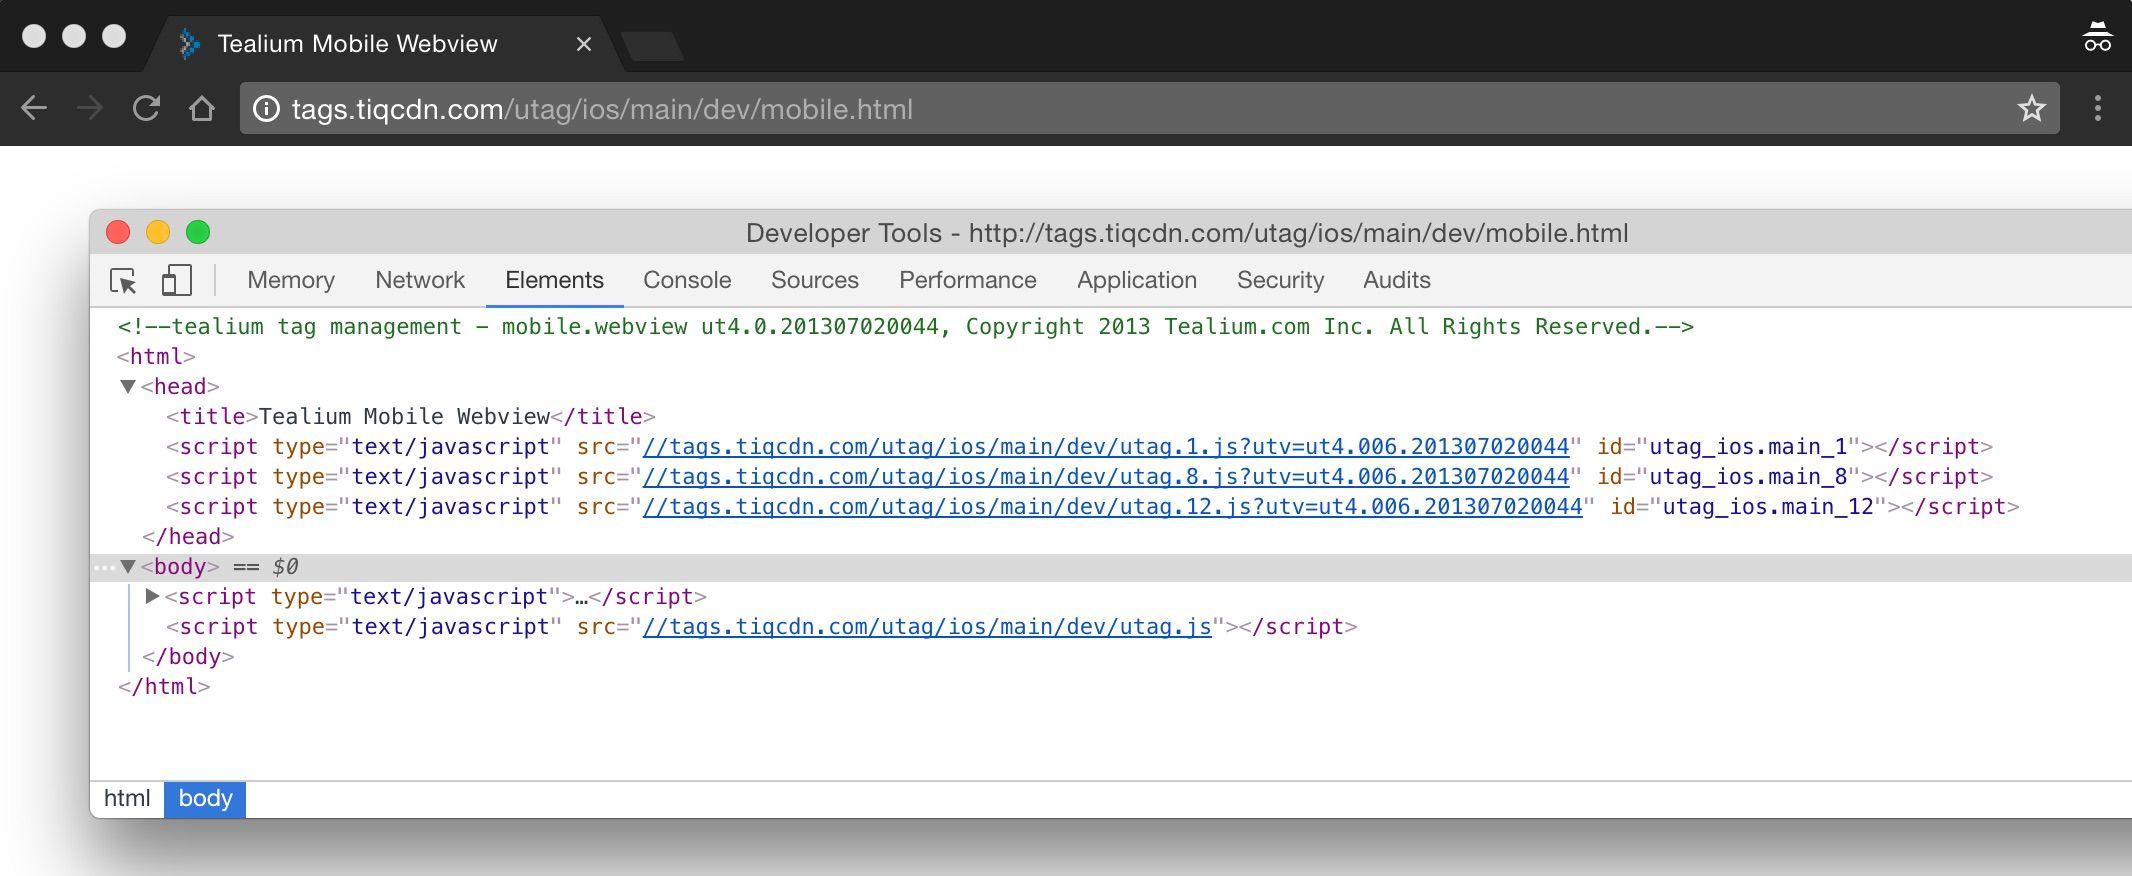 mobile-html-developer-tools.jpg